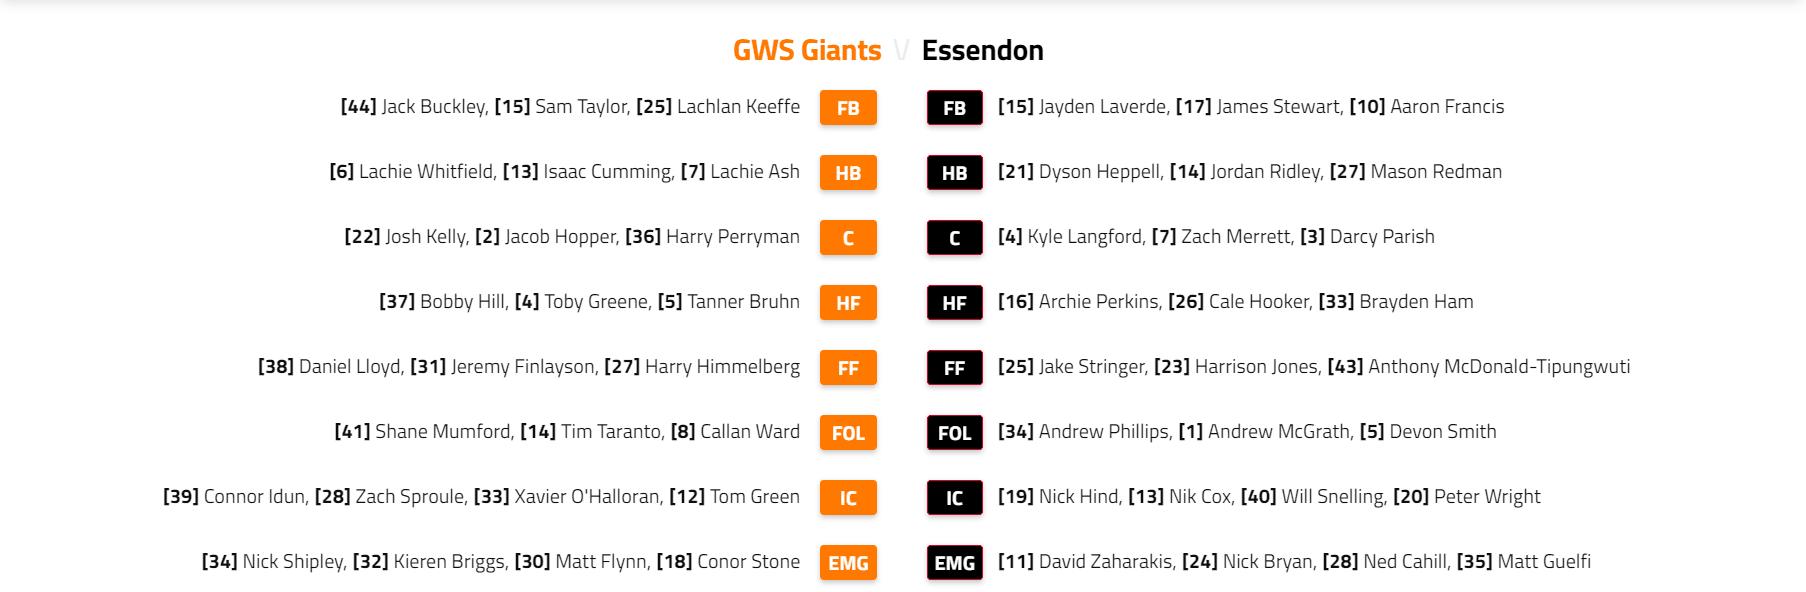 Capture - GWS v Ess.PNG